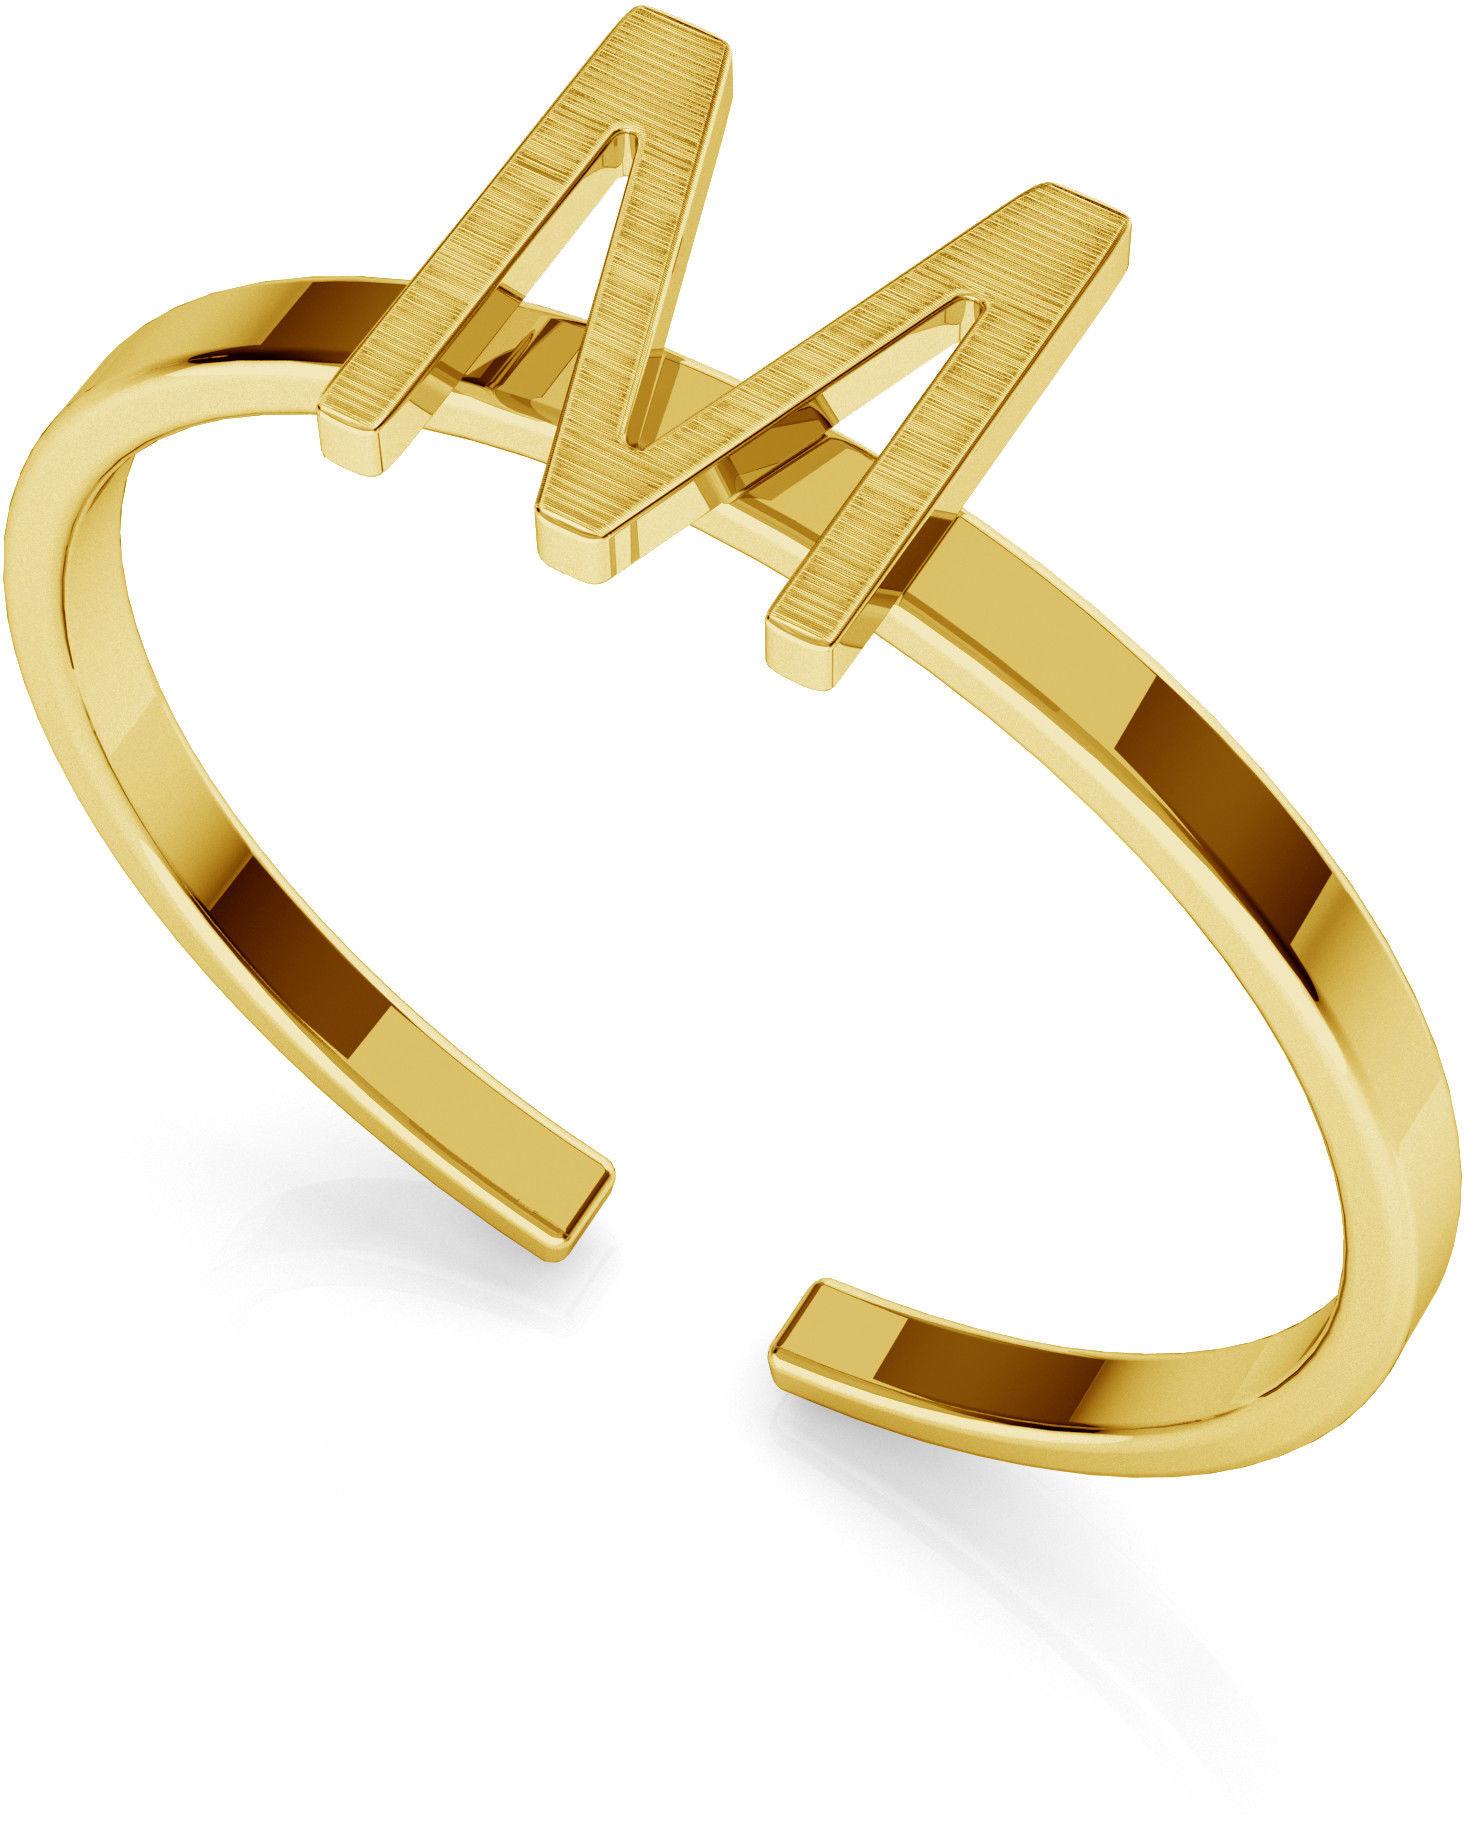 Srebrny pierścionek z literką My RING, srebro 925 : Litera - U, Srebro - kolor pokrycia - Pokrycie żółtym 18K złotem